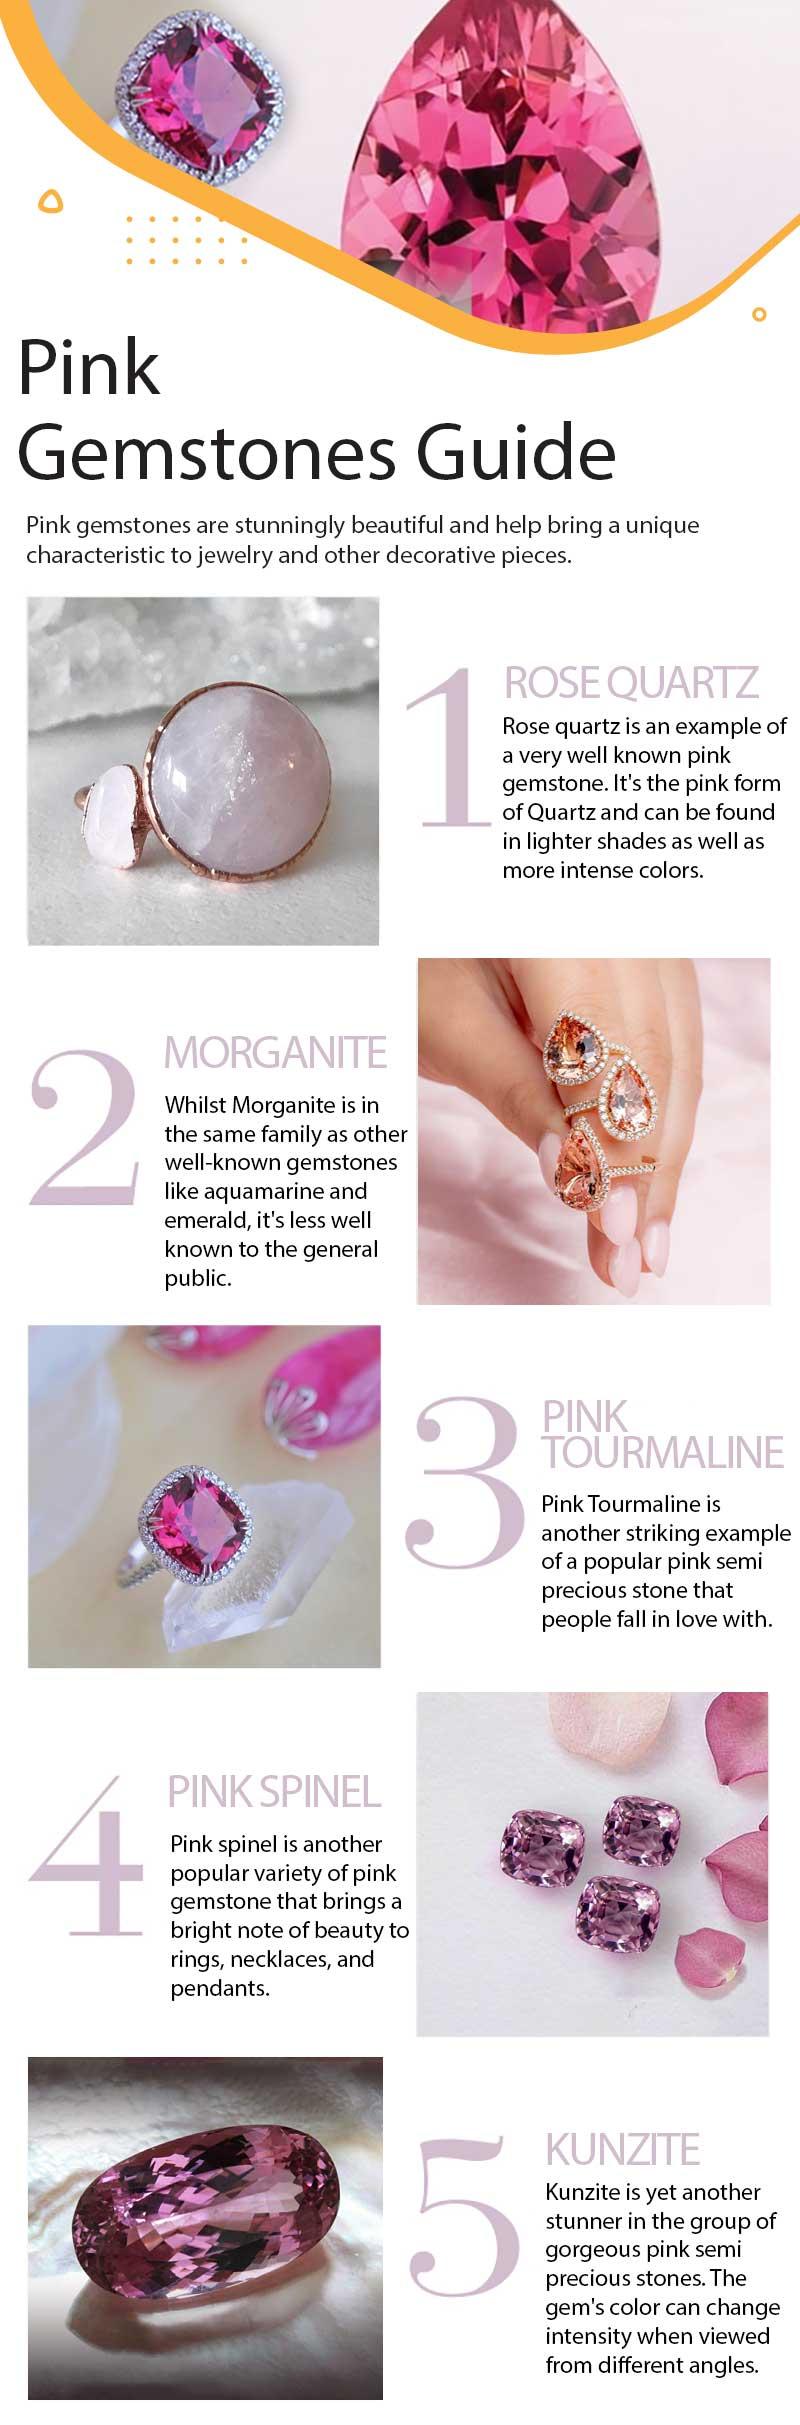 Pink gemstones